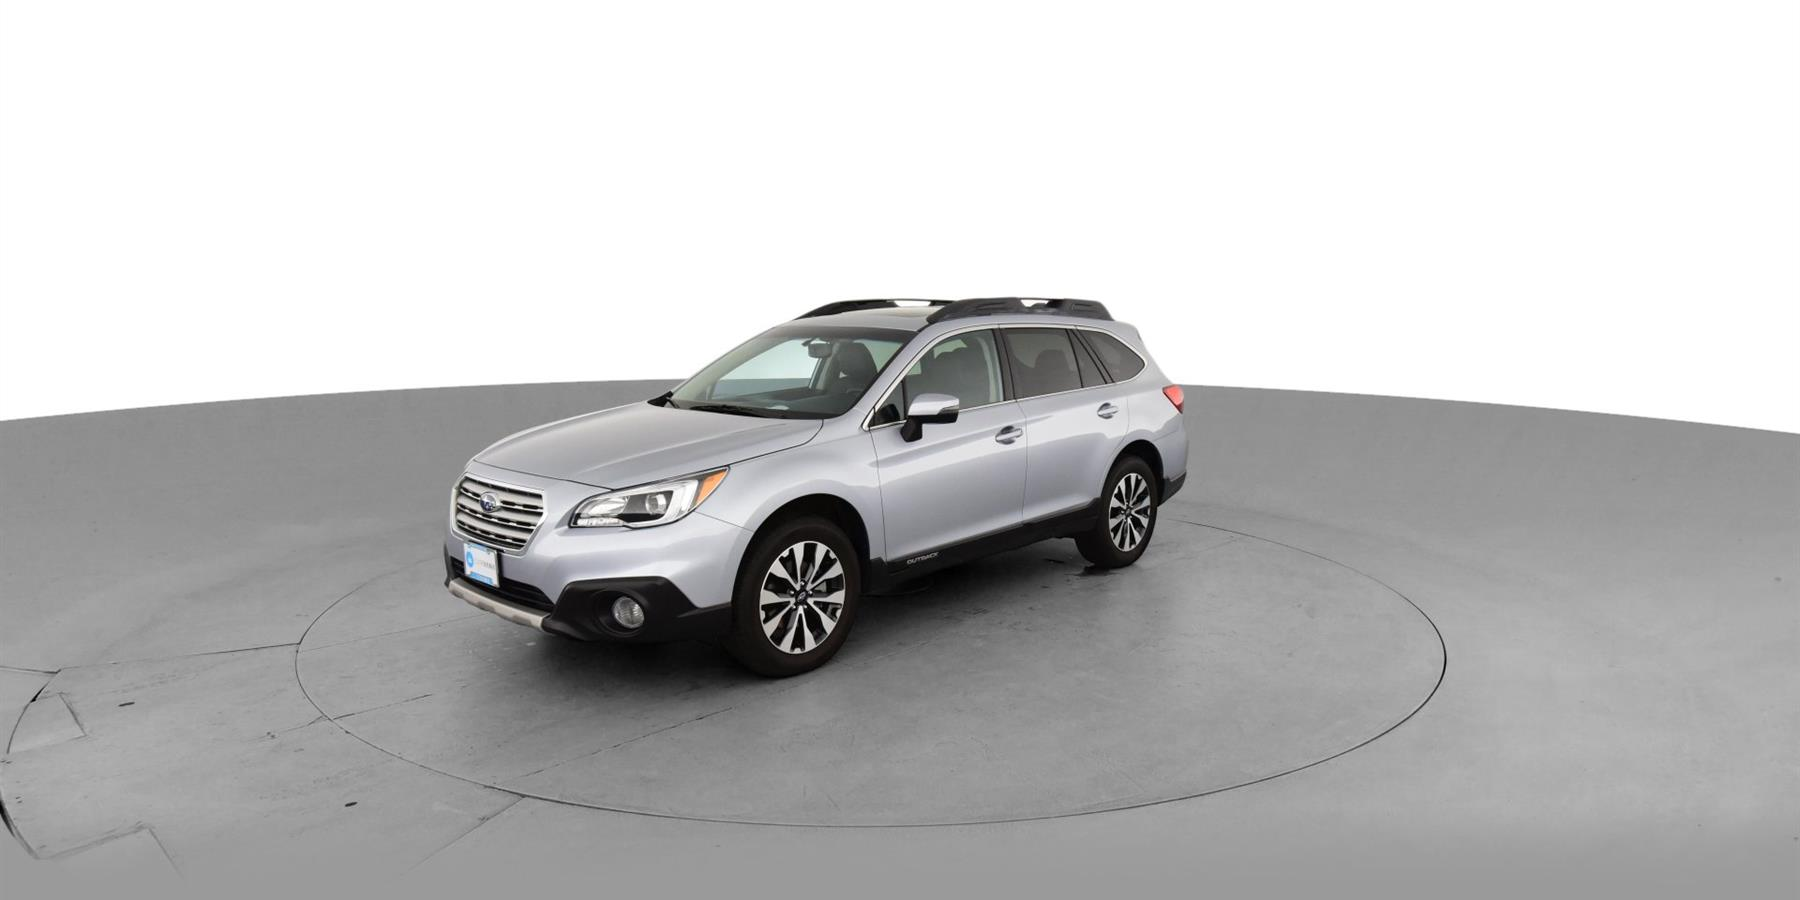 2017 Subaru Outback 2 5i Limited Wagon 4D for Sale   Carvana®